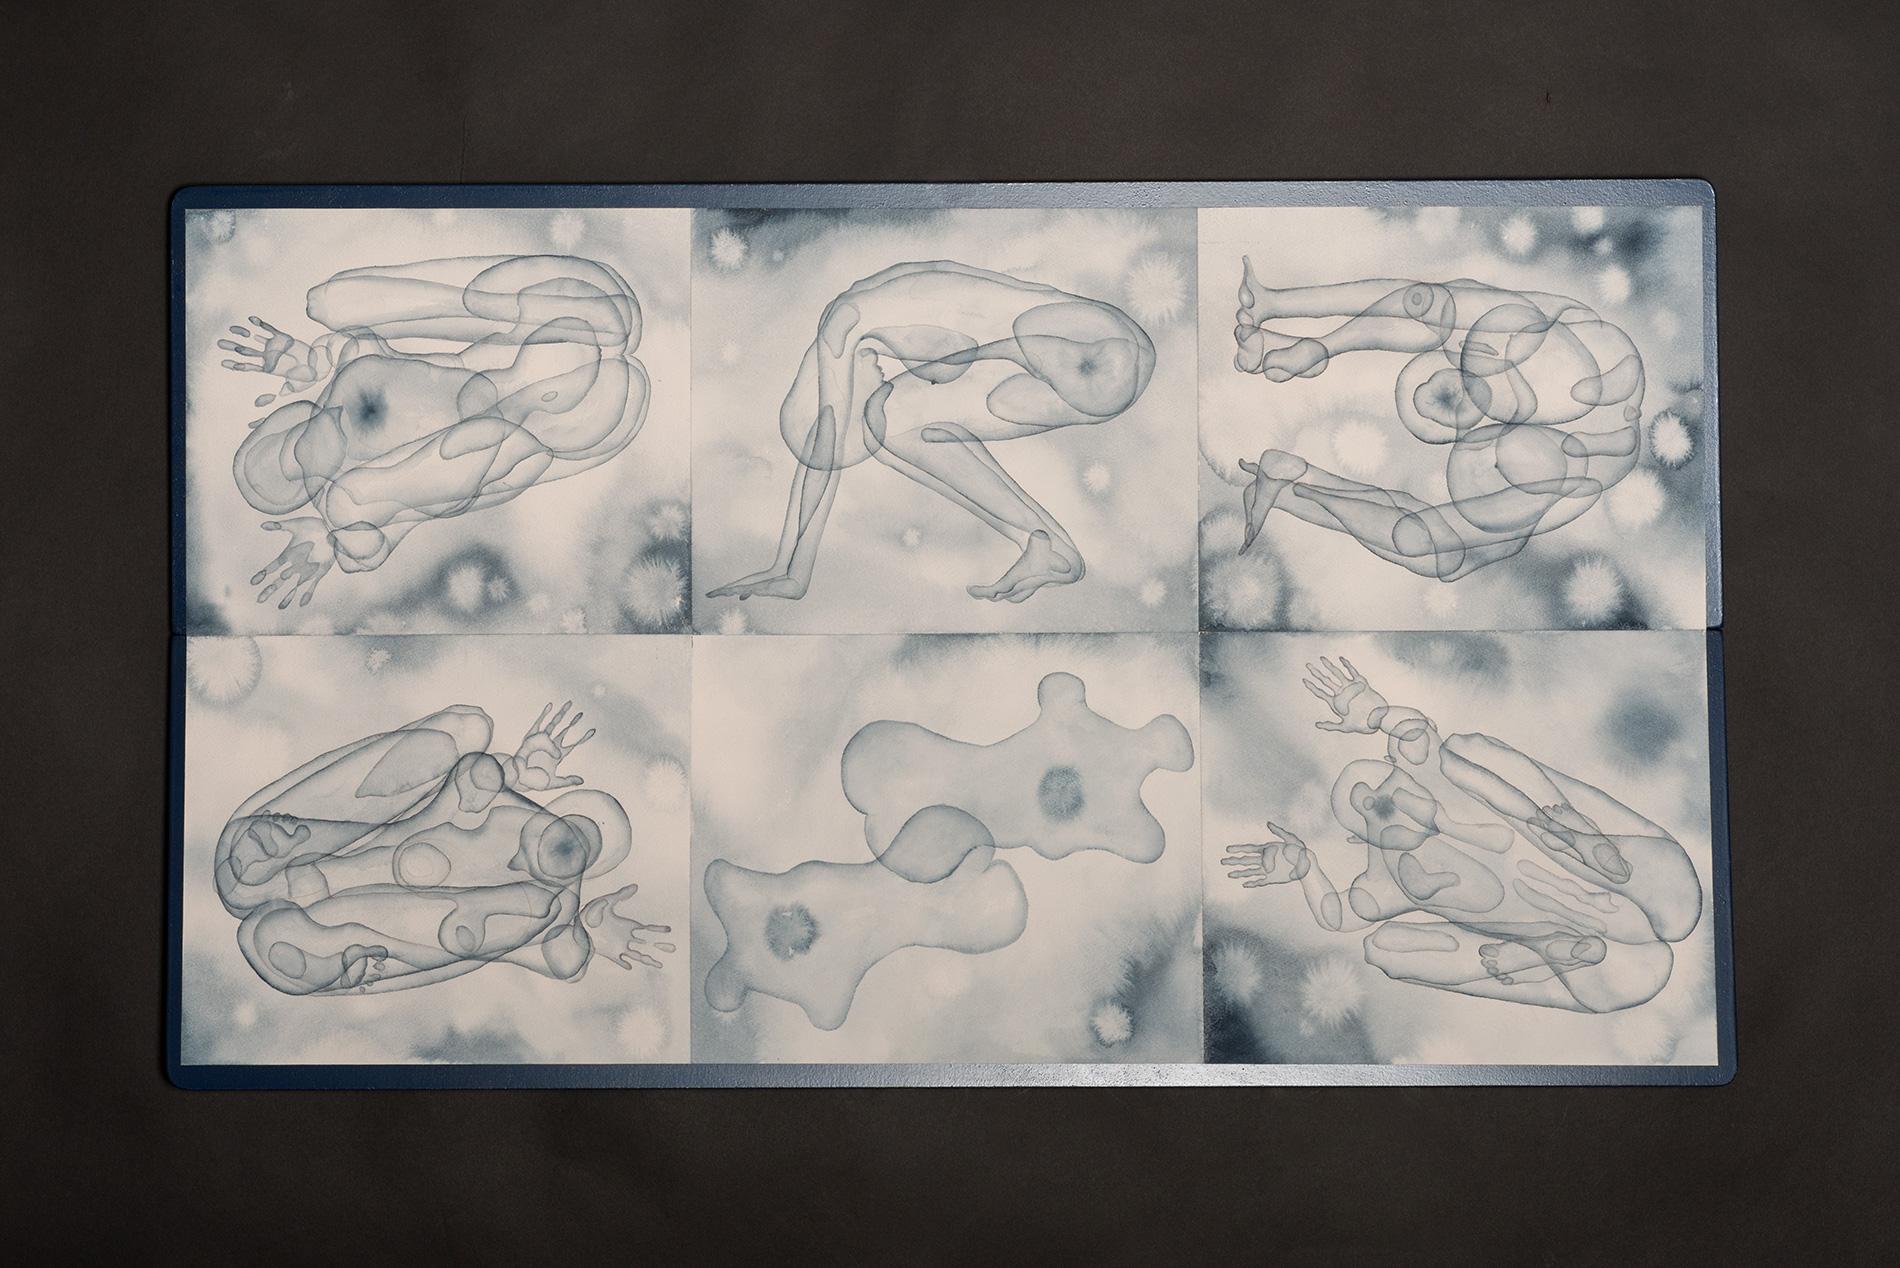 Stefano Bolzano, Morfogenesi emotiva 01, acquerello su carta applicato su due pannelli, 61x108,5 cm, 2019.